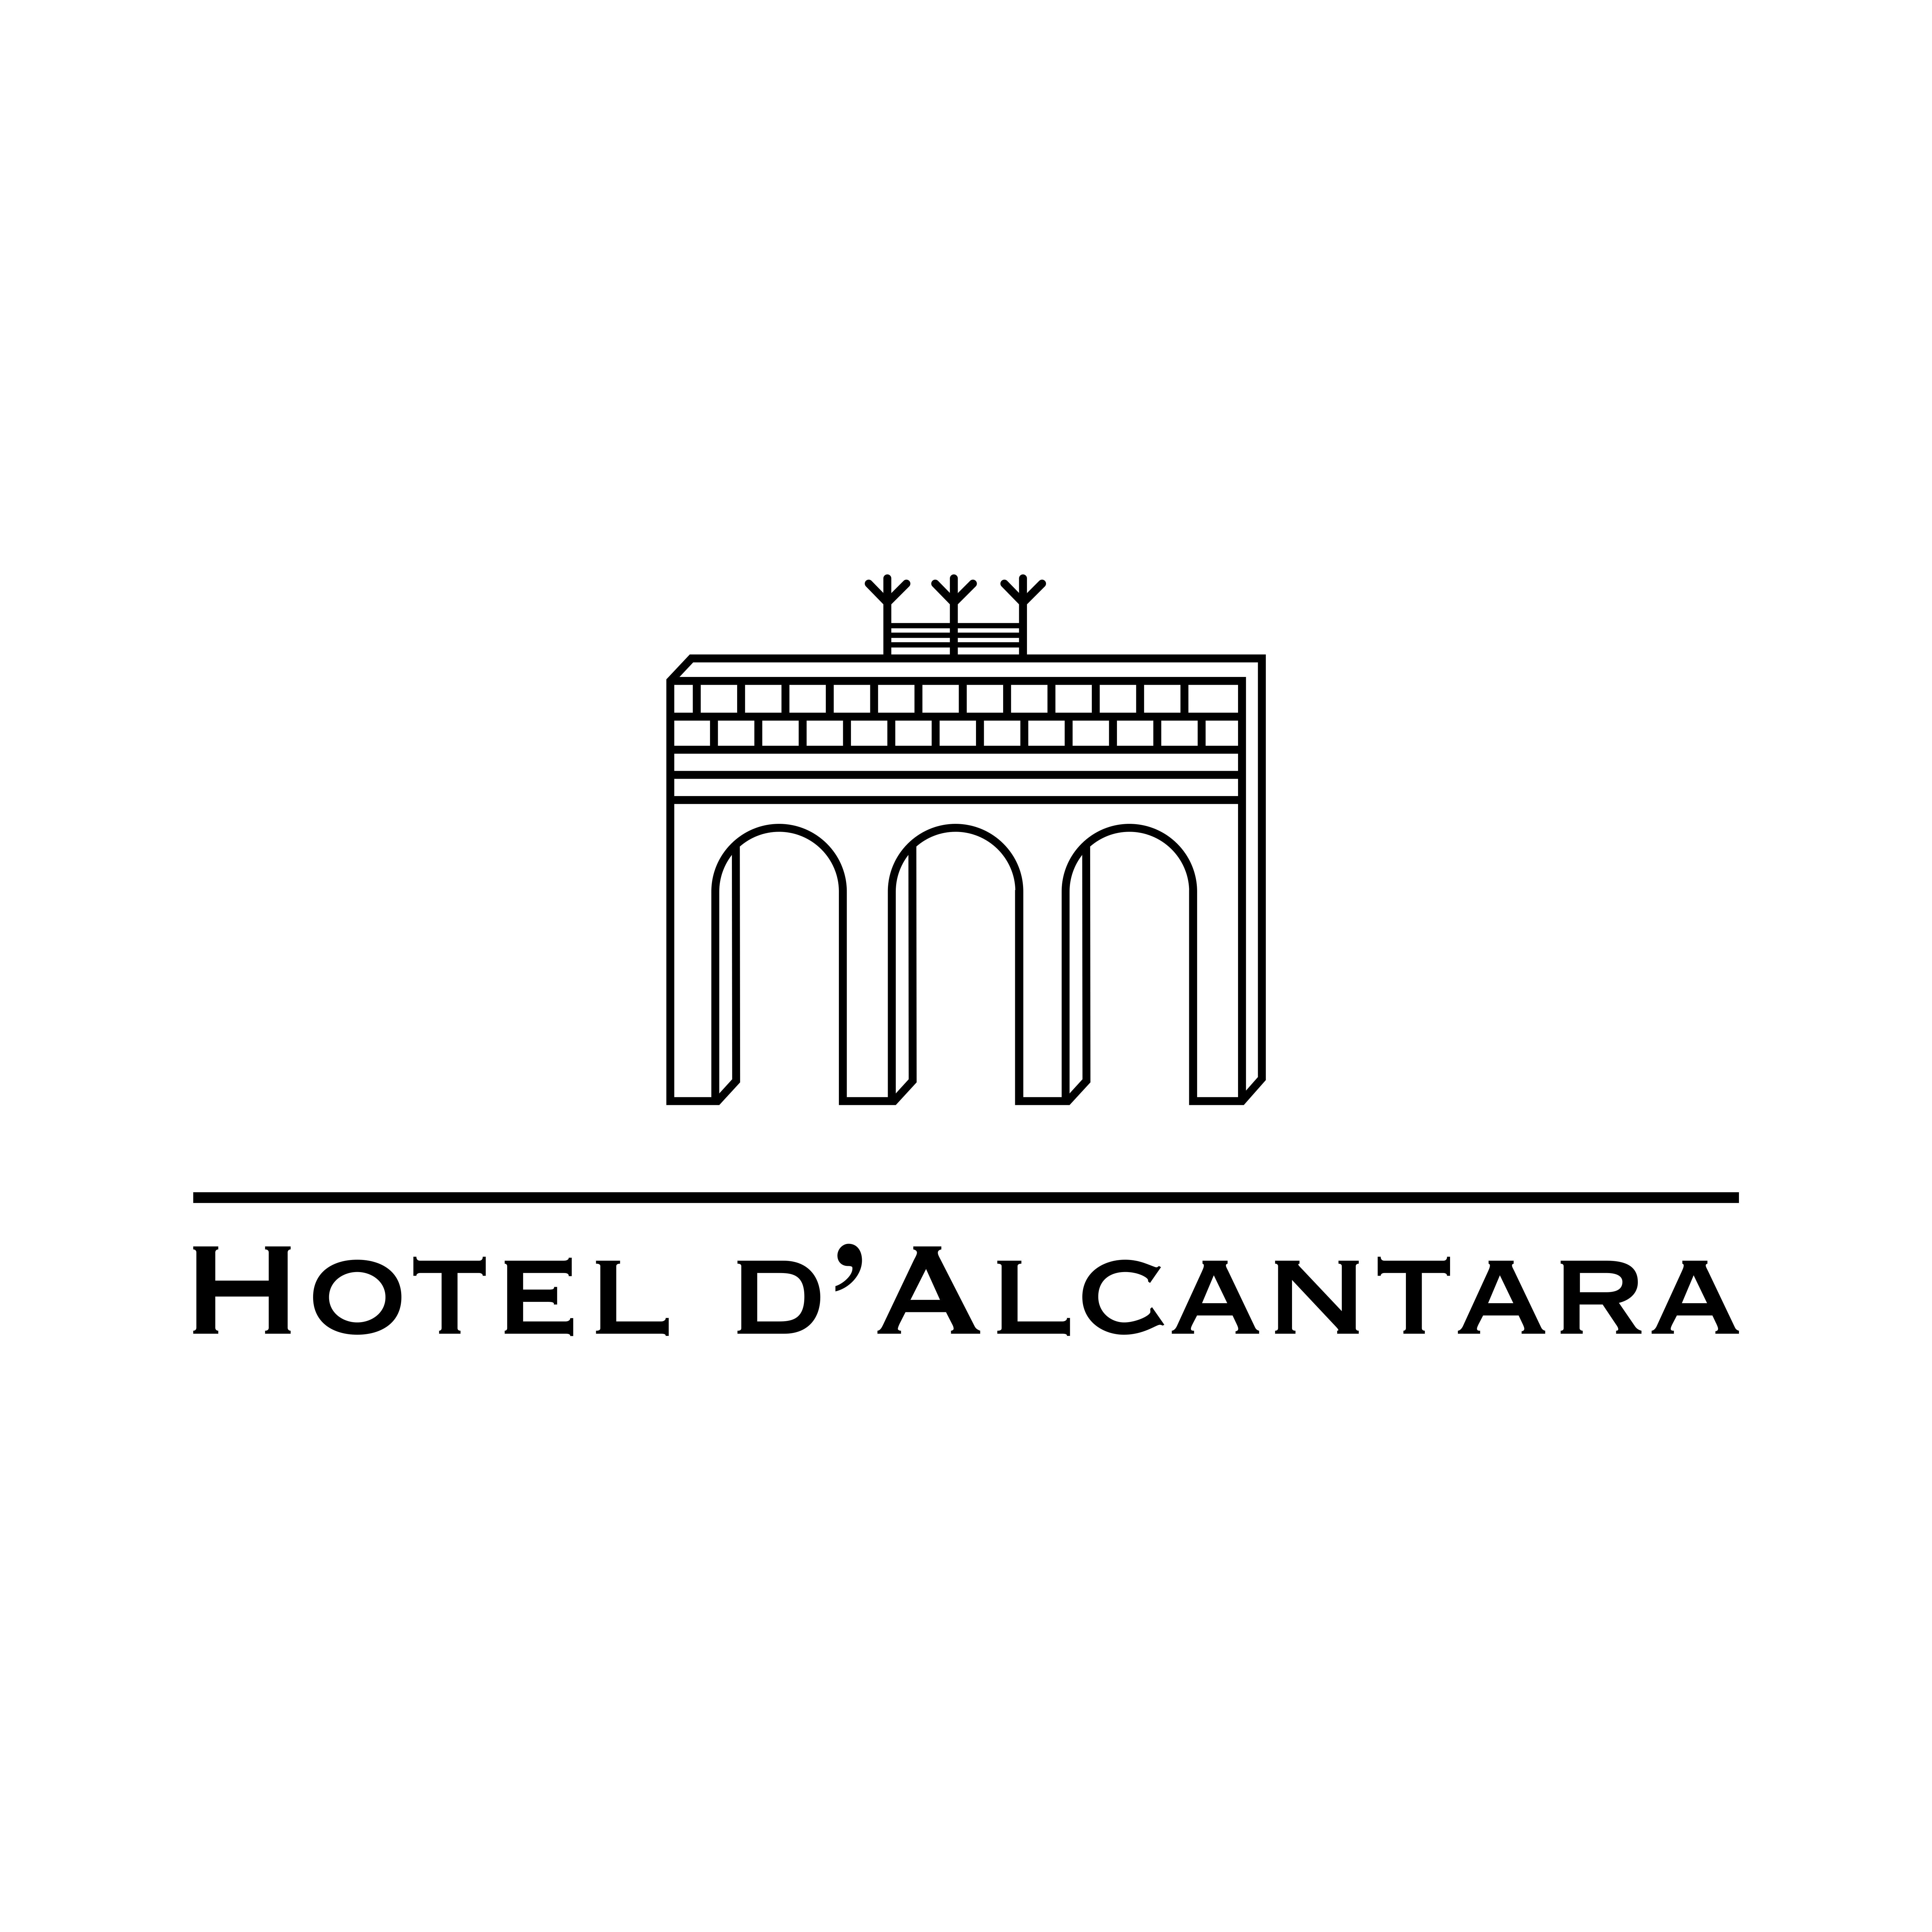 Hôtel d'Alcantara